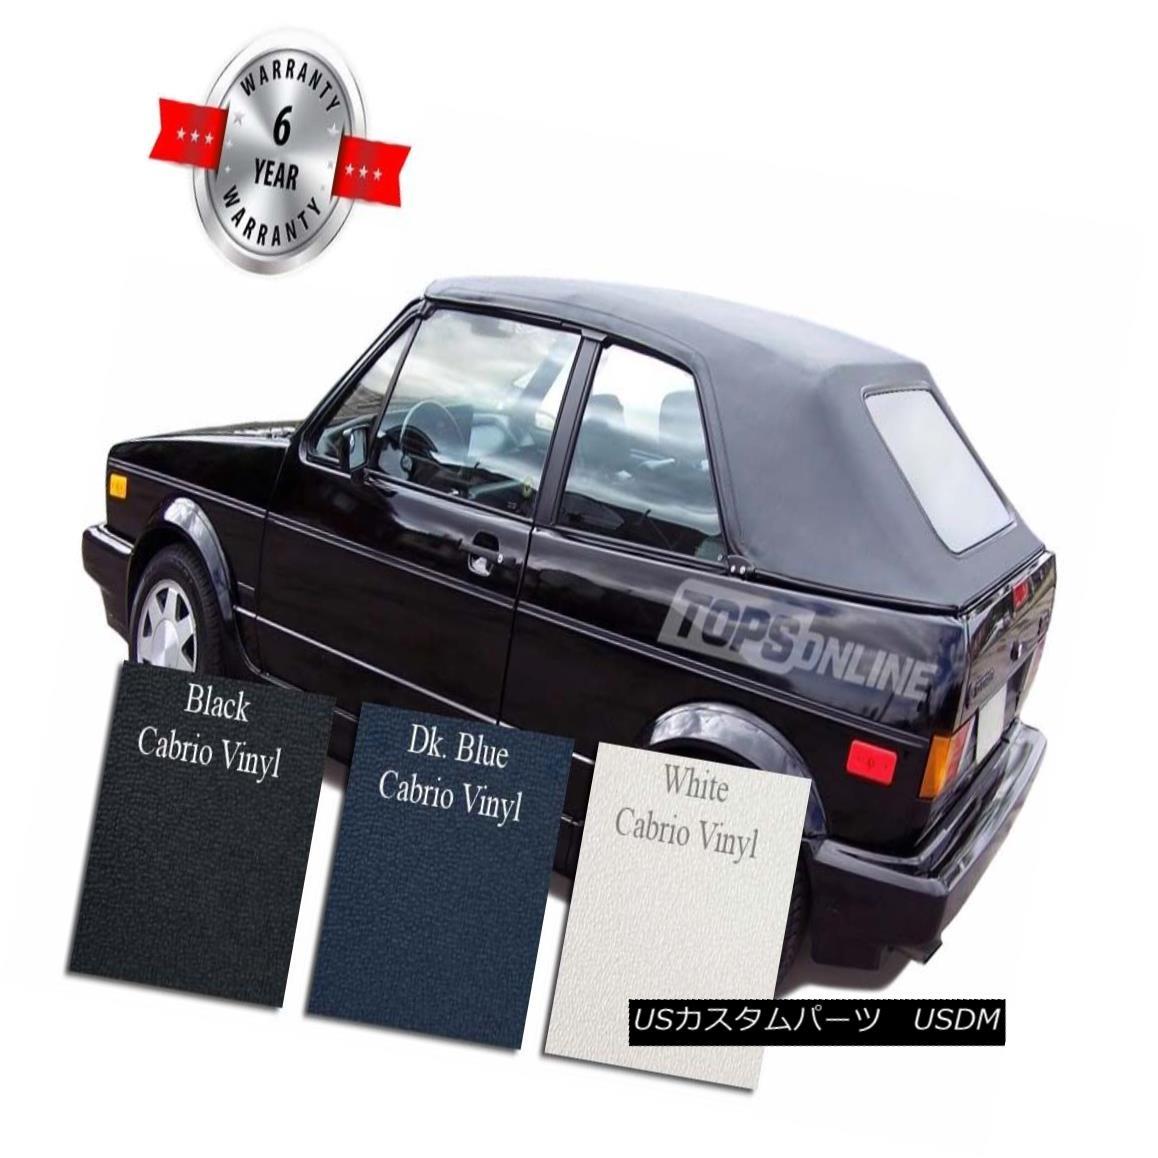 幌・ソフトトップ VW Rabbit Cabriolet Convertible Soft Top Cover & Install Video, 80-94 Cab. Vinyl VWラビットカブリオレコンバーチブルソフトトップカバー& ビデオ、80-94キャブをインストールします。 ビニール